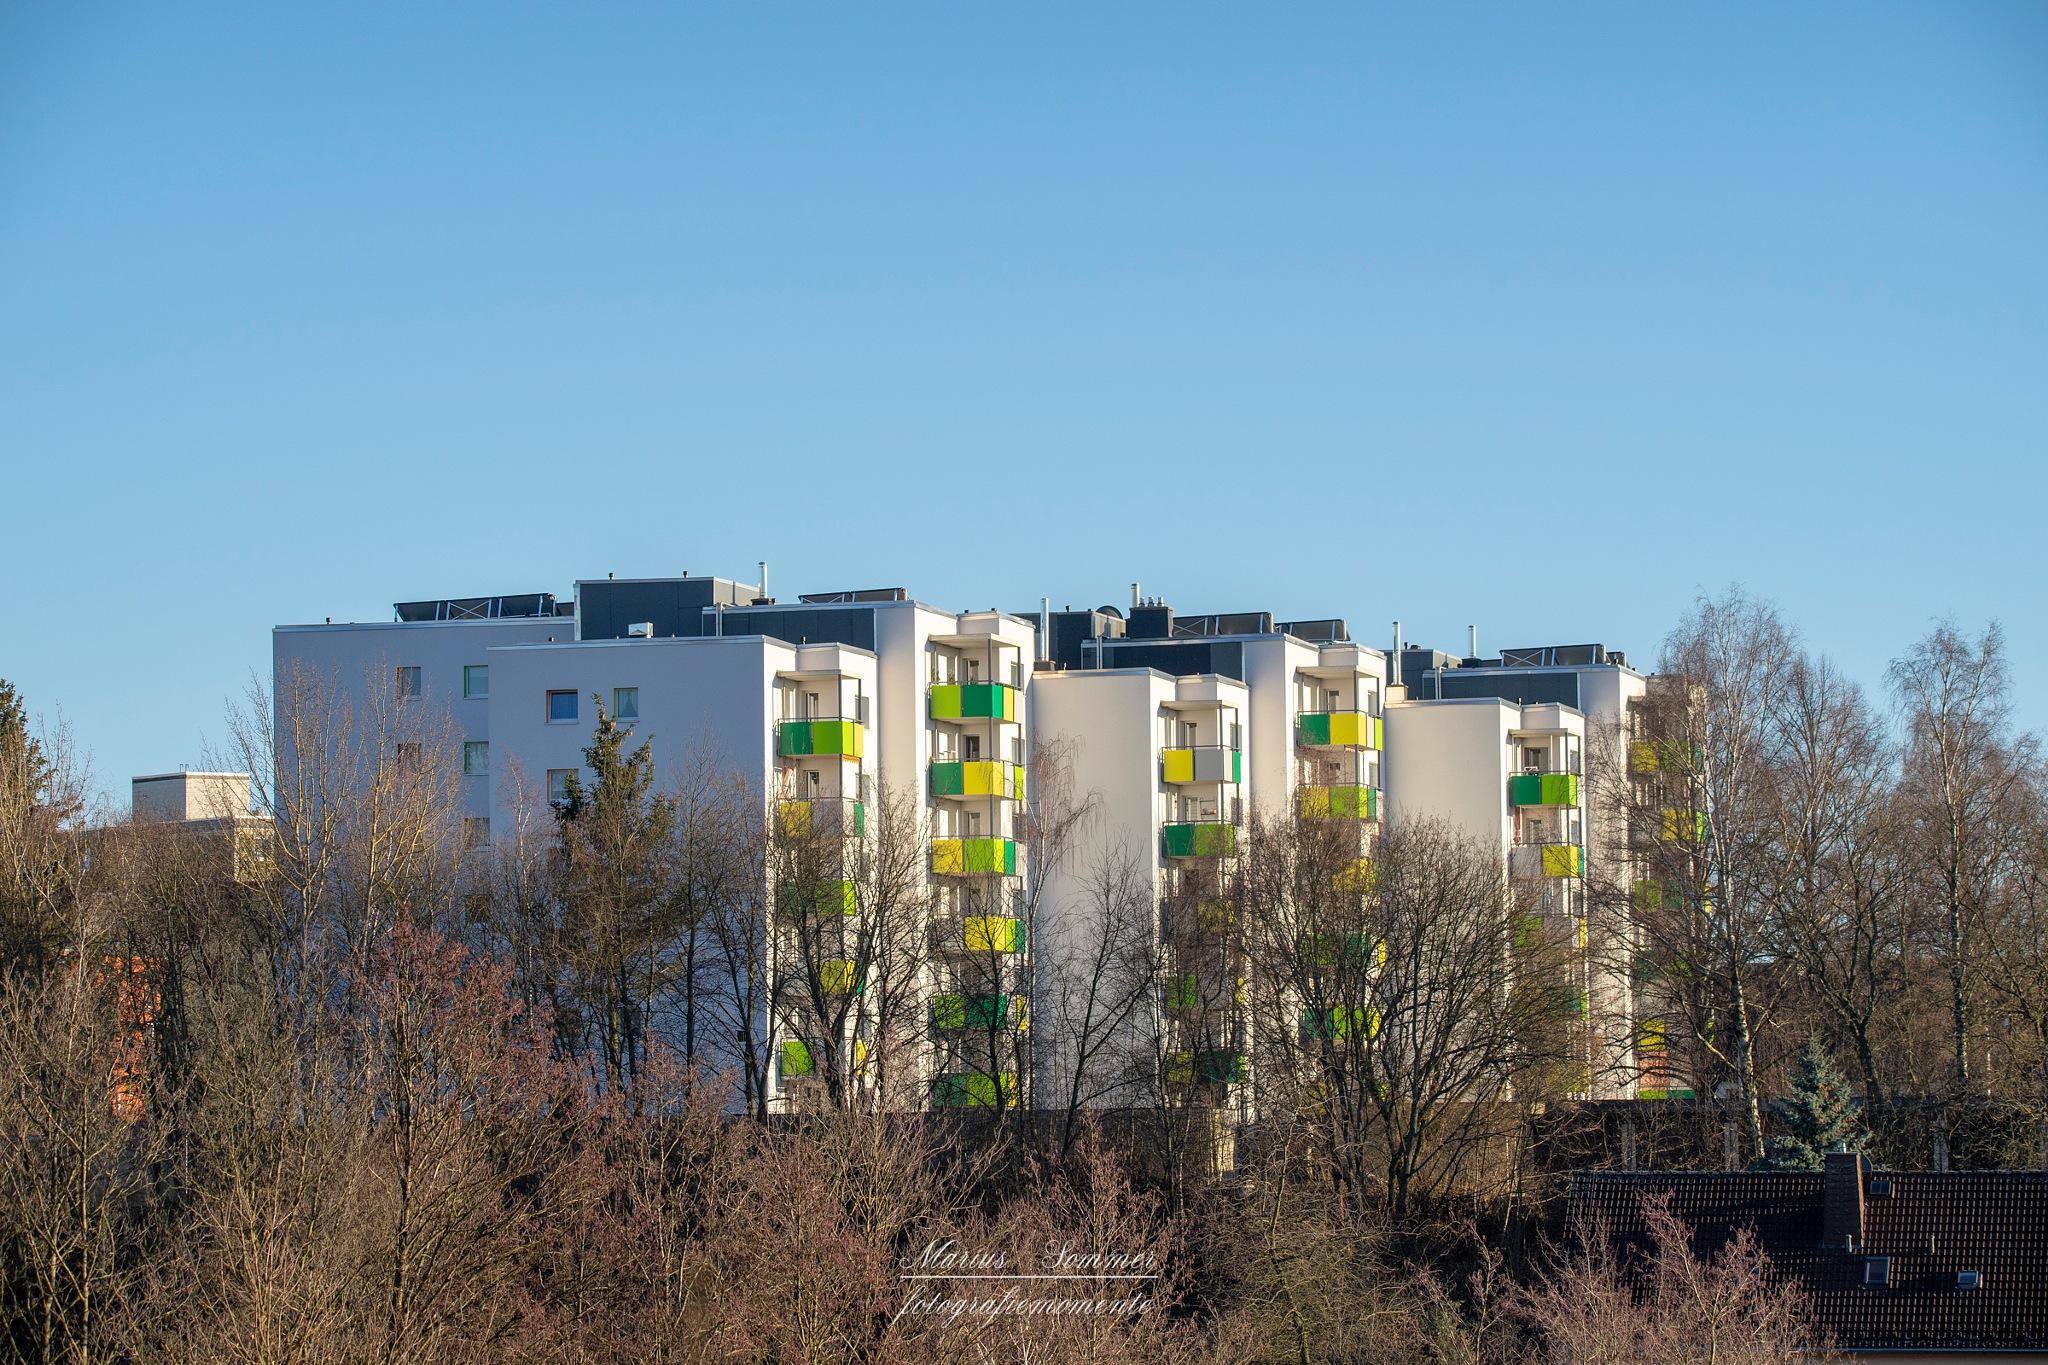 die stadt wird etwas moderner (sieht wie ddr plattenbau aus) by Marius Sommer